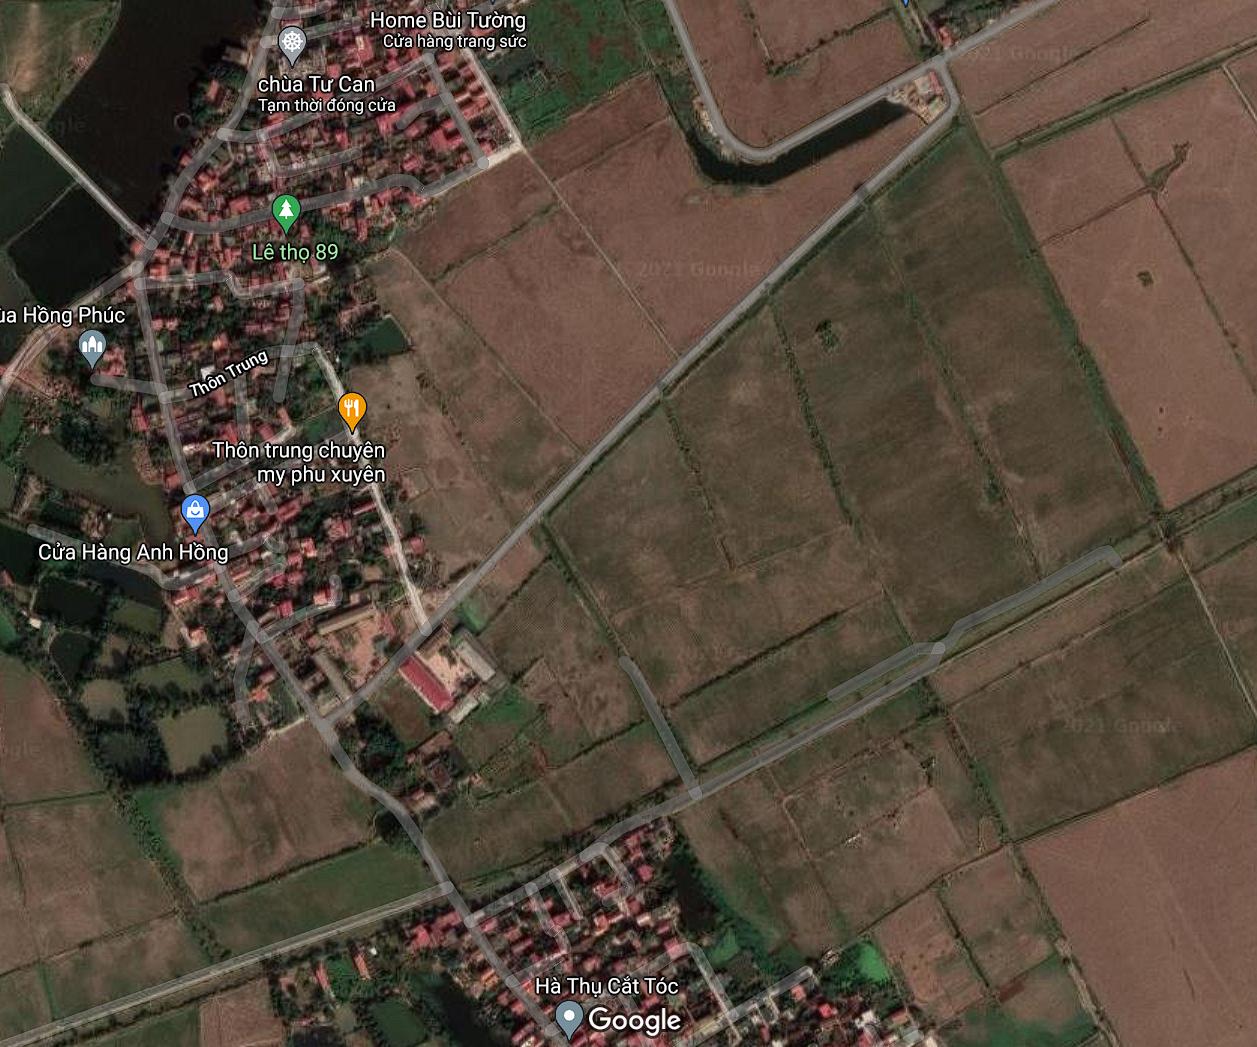 Đất dính quy hoạch ở xã Châu Can, Phú Xuyên, Hà Nội - Ảnh 2.